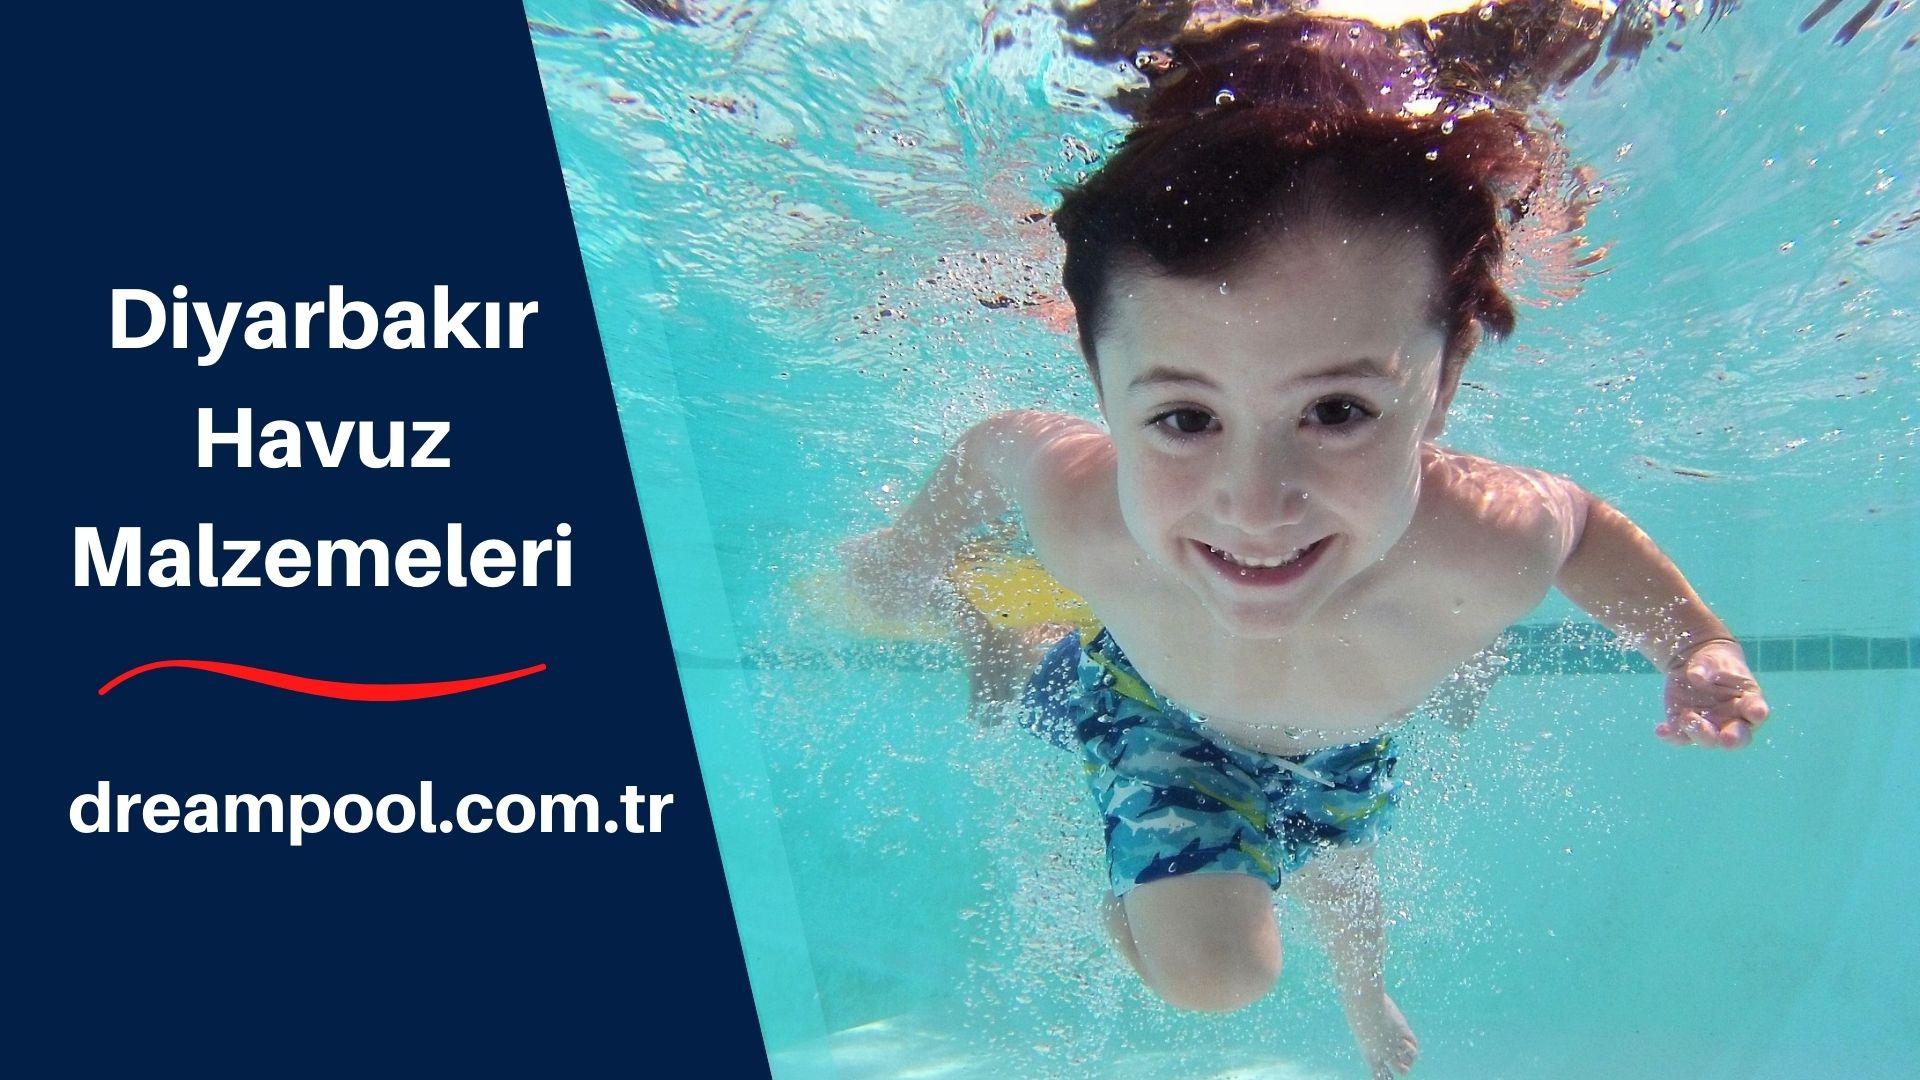 diyarbakir-havuz-malzemeleri